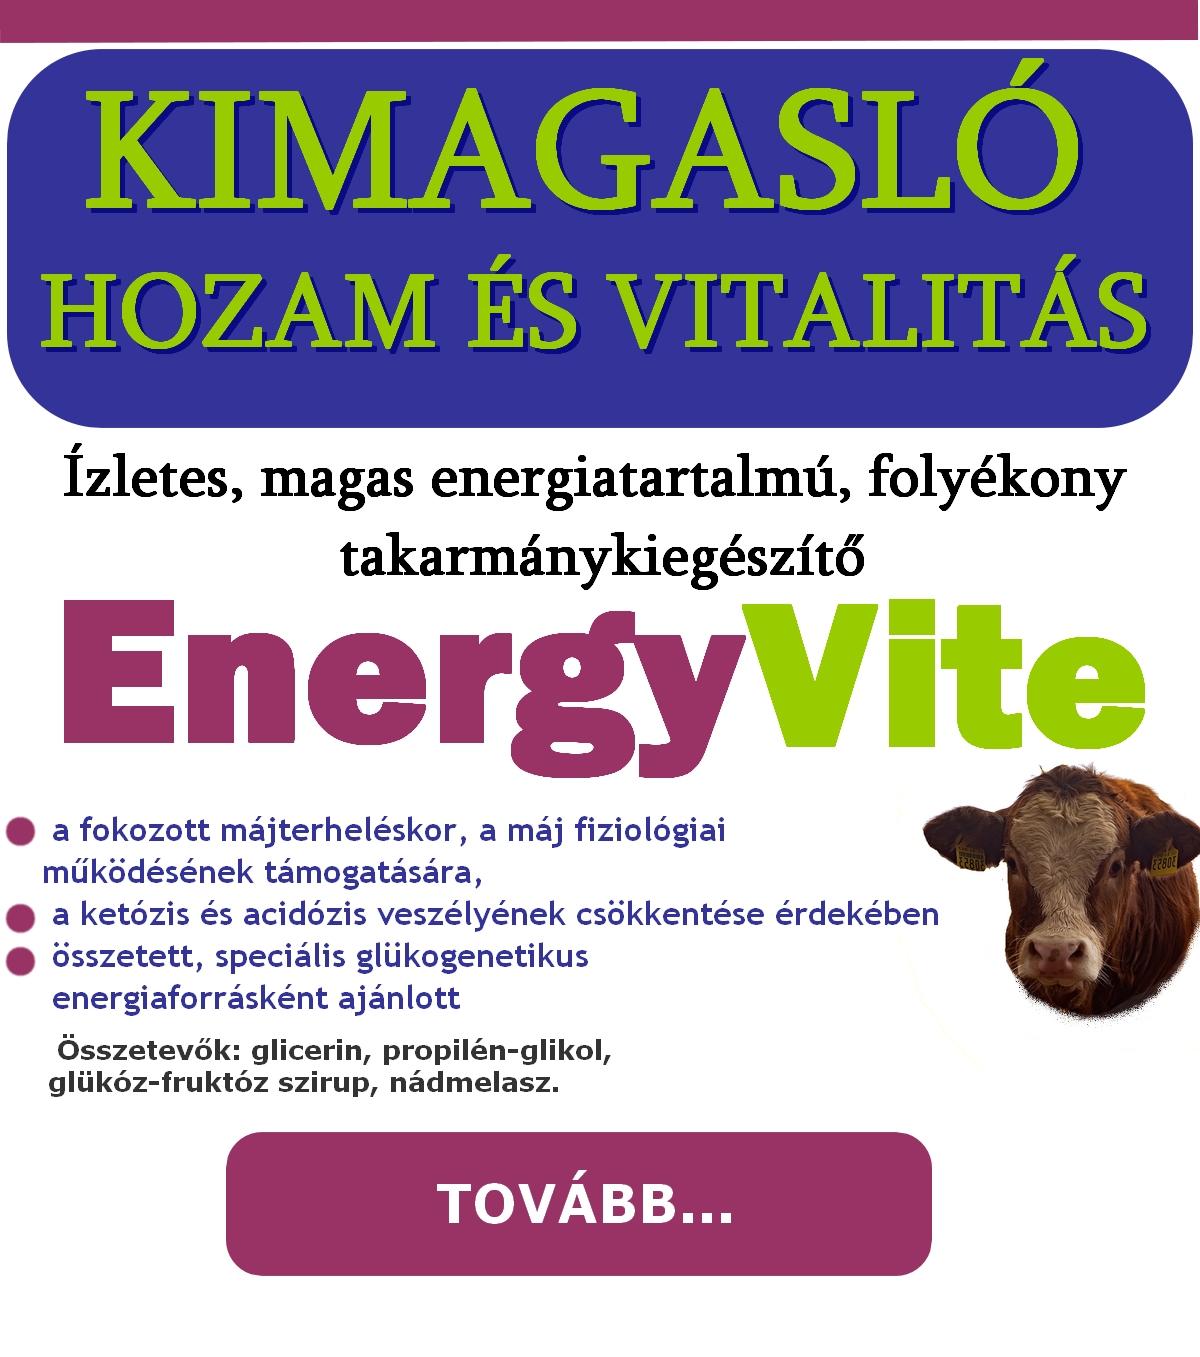 energyvite